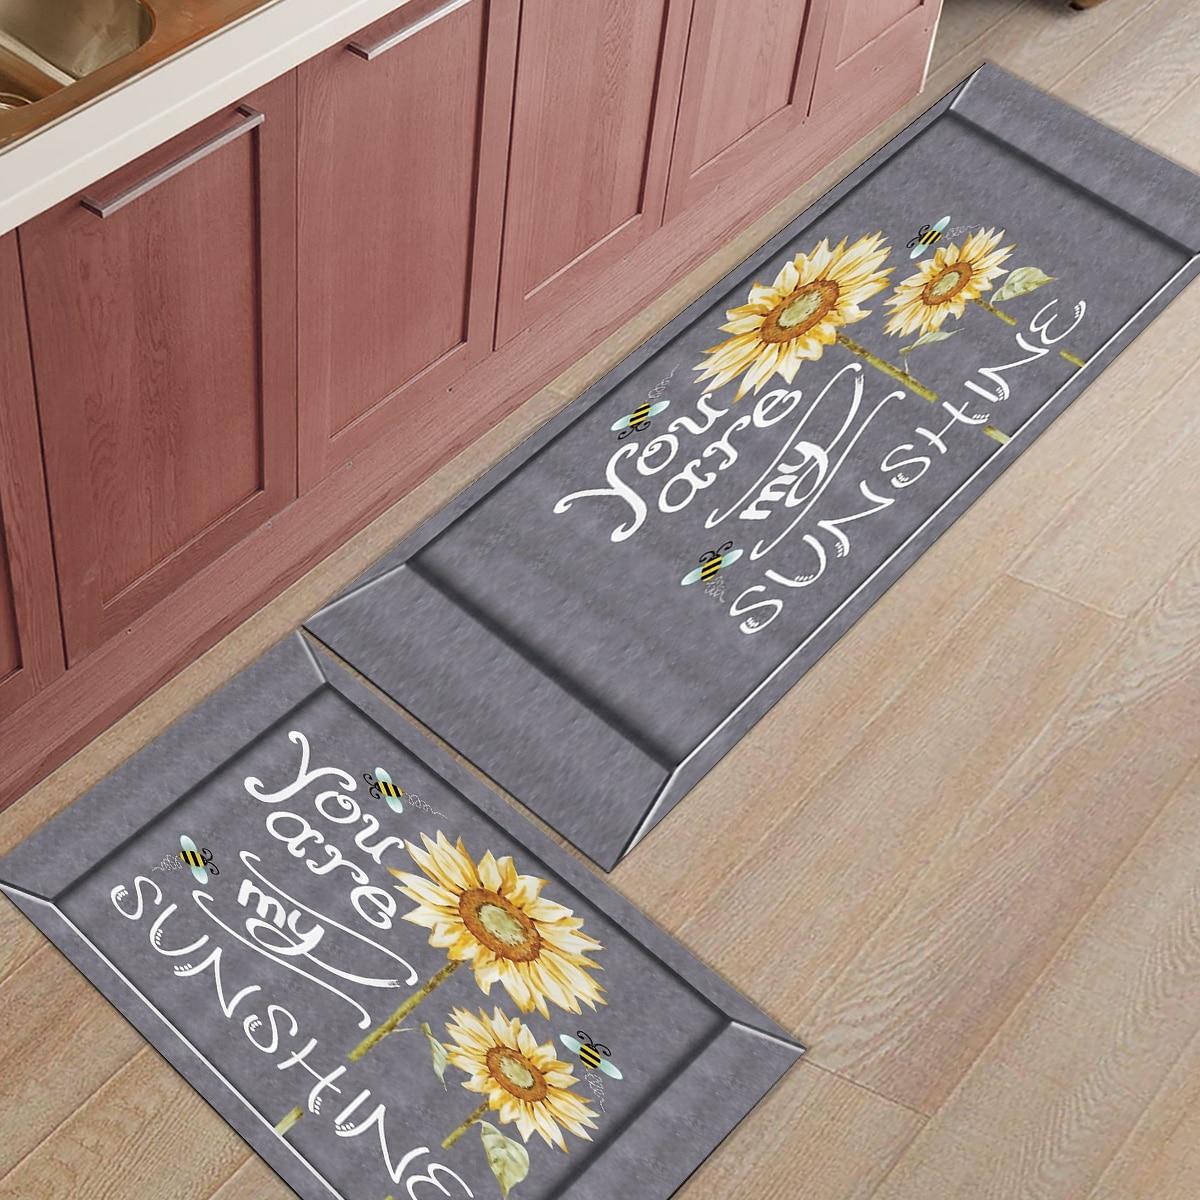 2 шт. Коврики для кухни вы мой Солнечный Подсолнух коврики для входной двери ванной комнаты гостиной двери коврики домашний декор